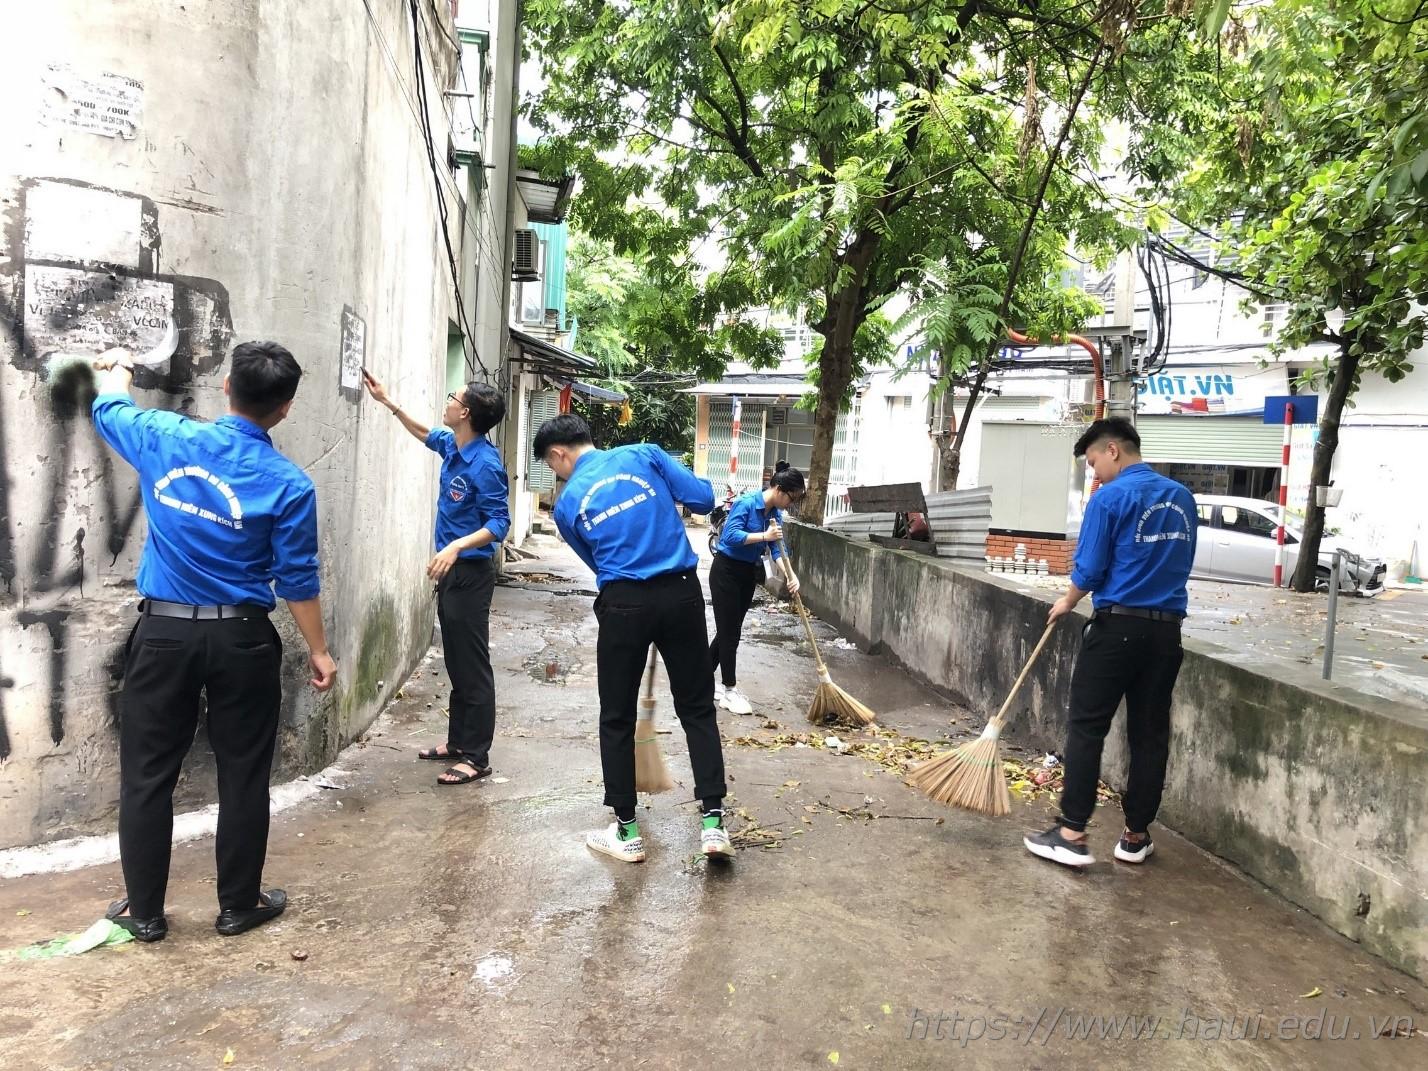 Tuổi trẻ trường Đại học Công nghiệp Hà Nội ra quân chiến dịch tình nguyện Hè 2019